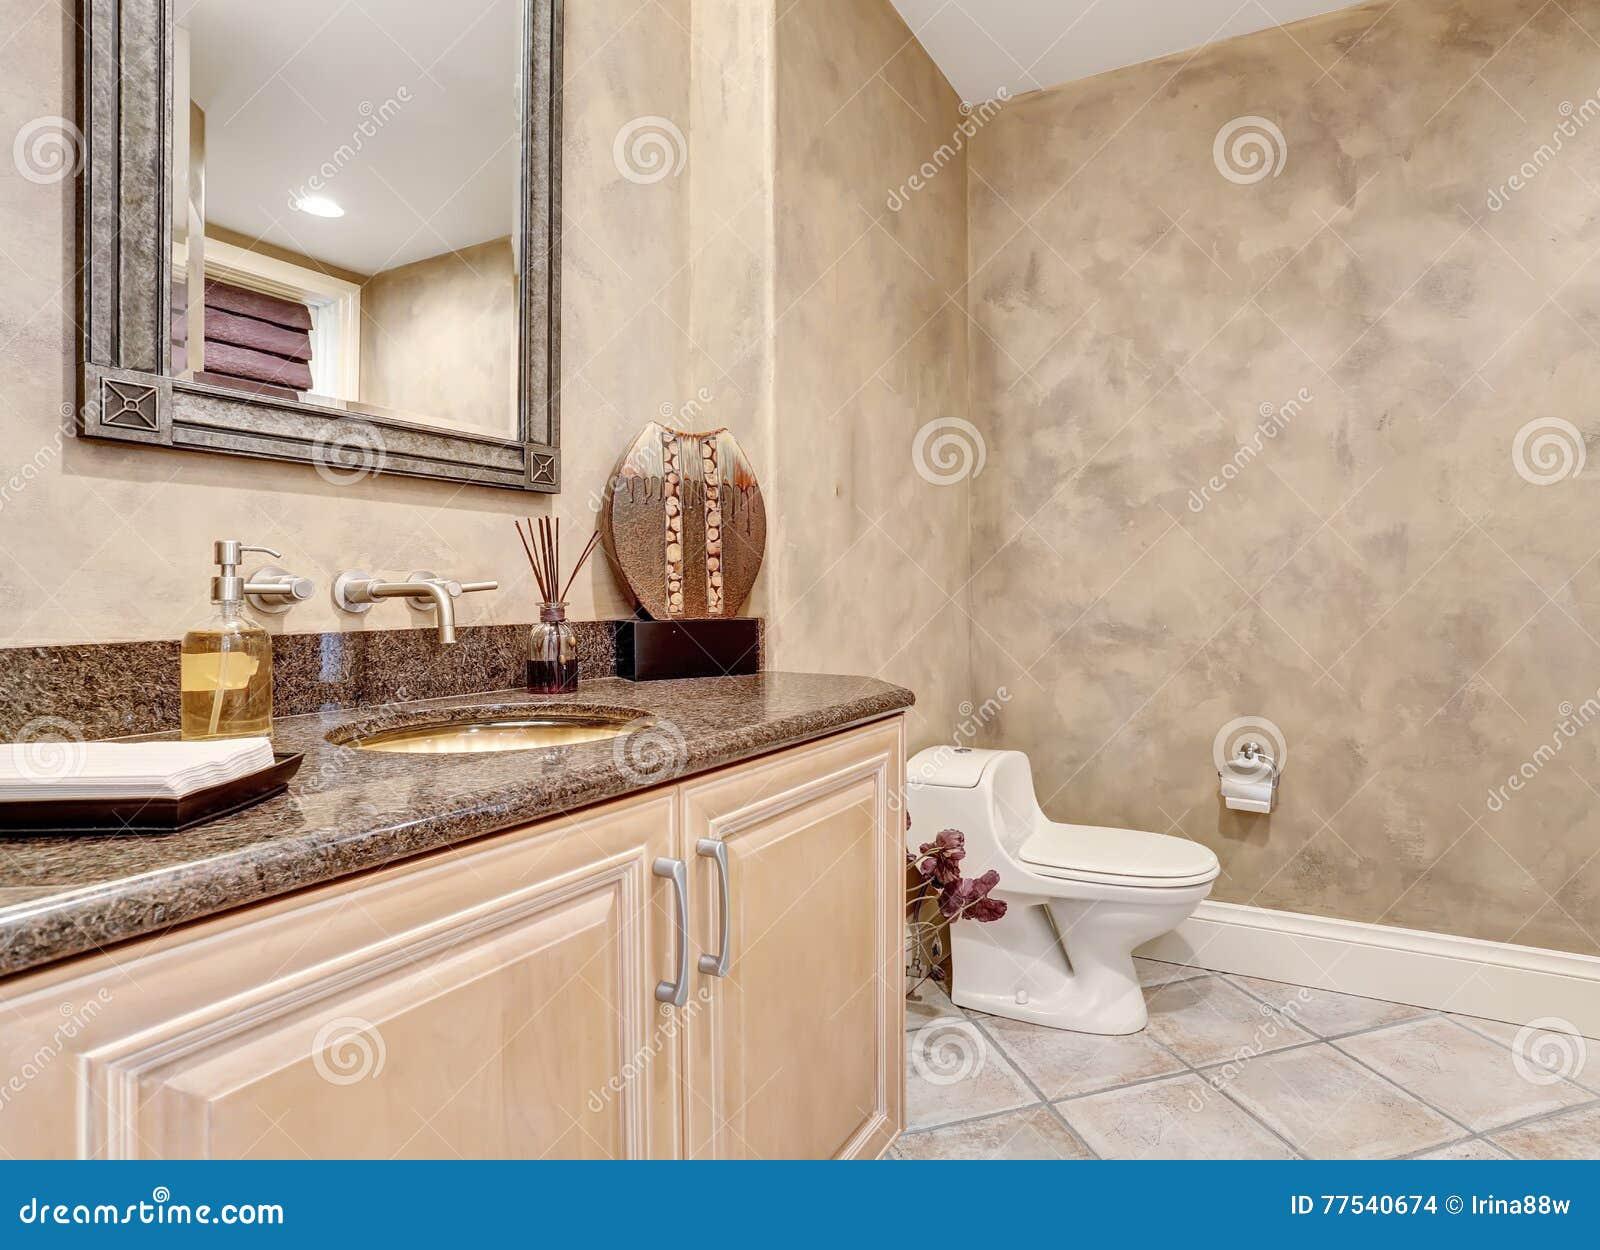 Demi intérieur de luxe de salle de bains avec le coffret moderne ...